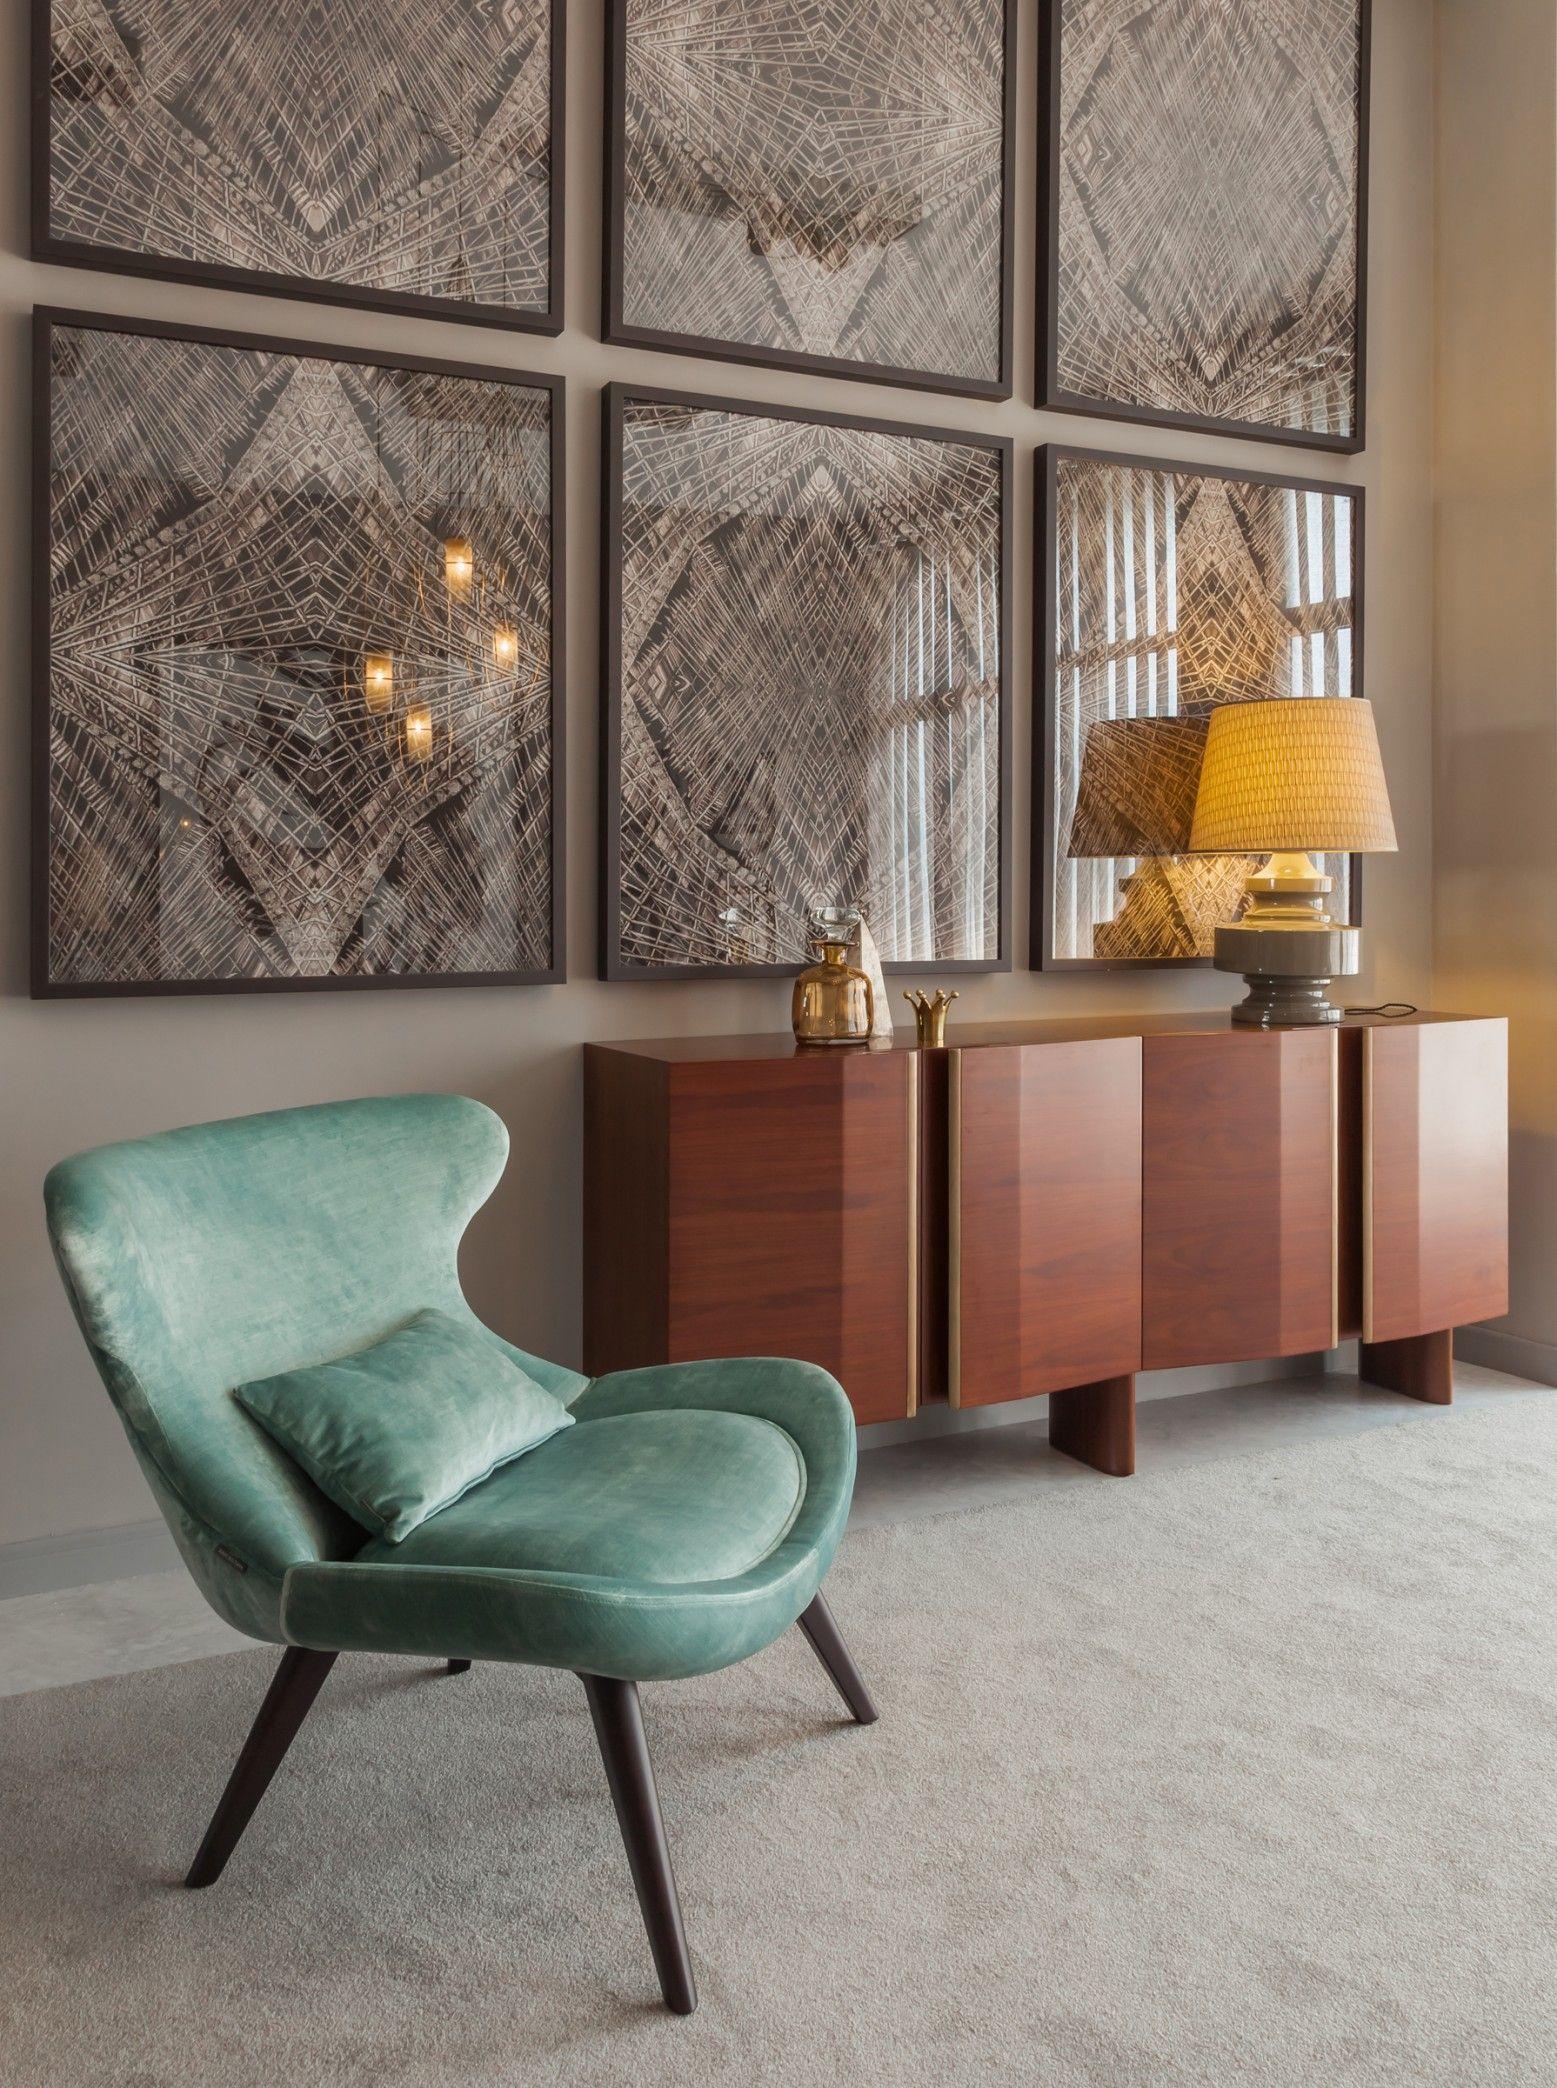 luxdeco com luxury furniture designer homeware accessories gifts rh pinterest co uk